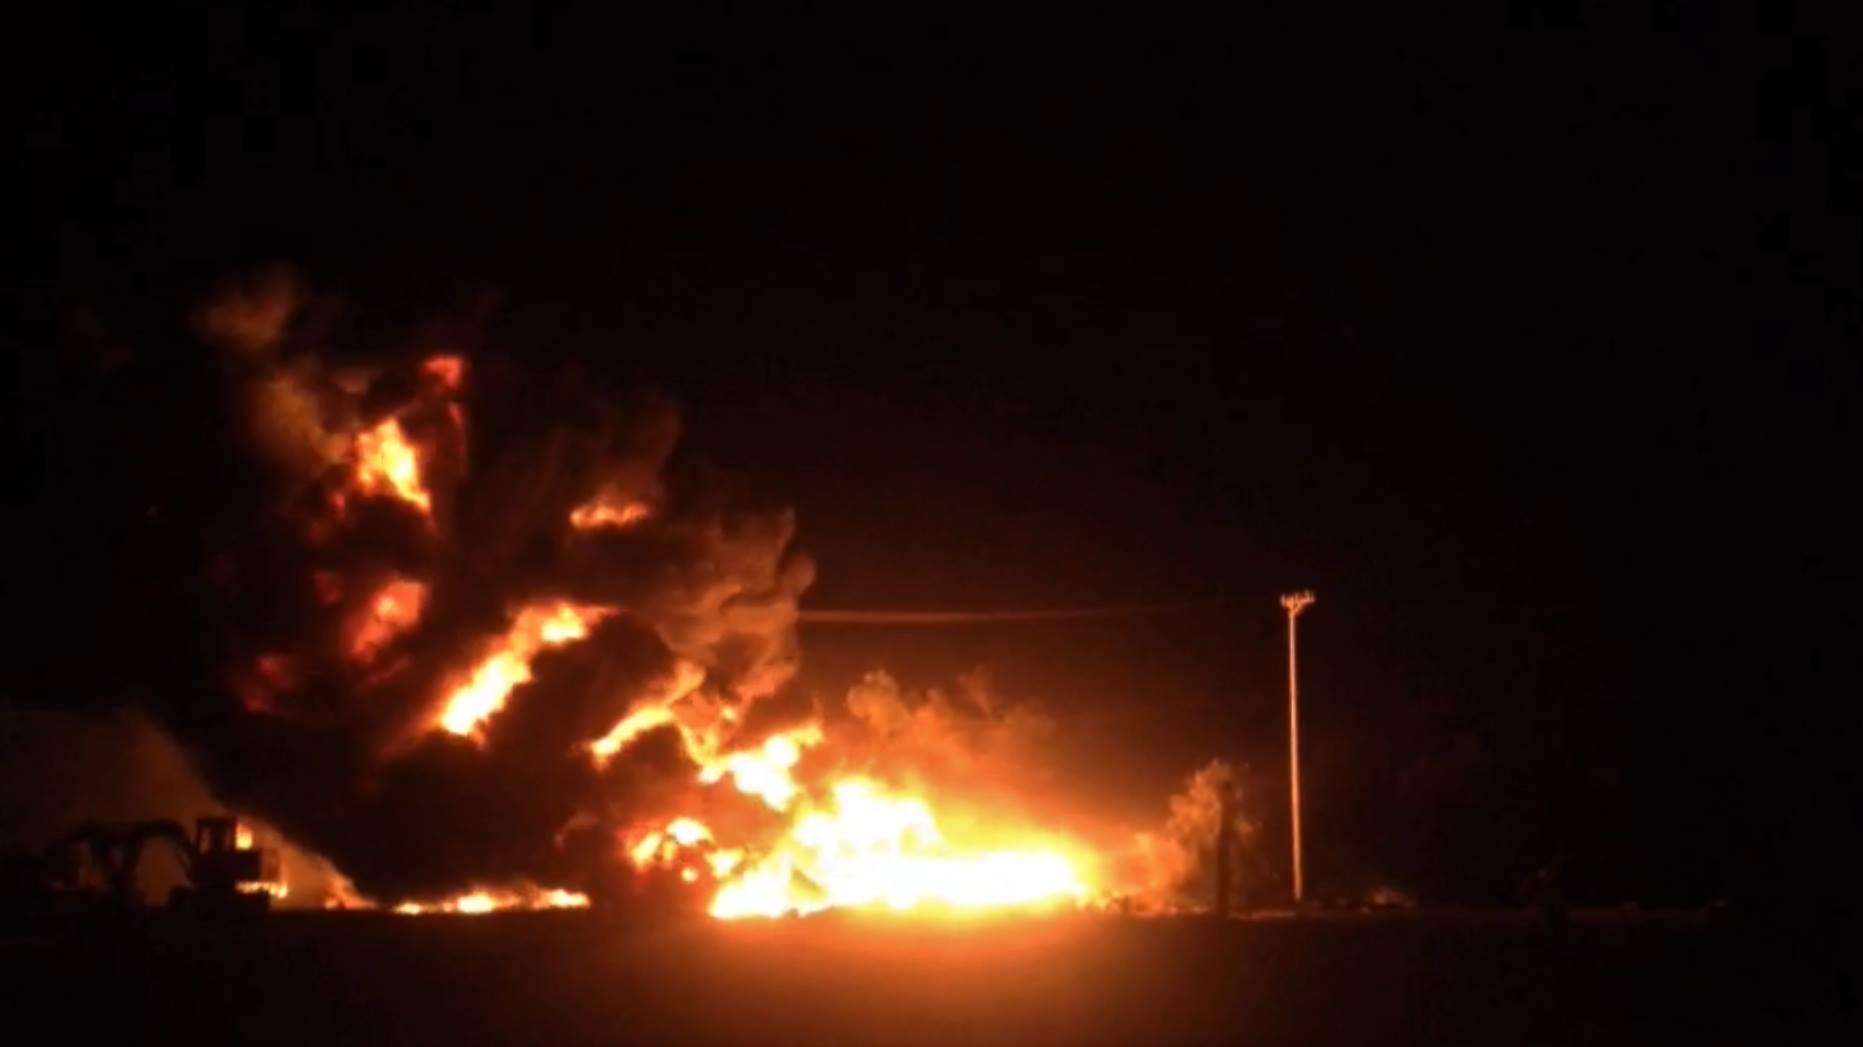 Bình Định: Bãi tập kết vật tư bất ngờ bốc cháy dữ dội, thiệt hại 7 tỷ đồng - Ảnh 1.